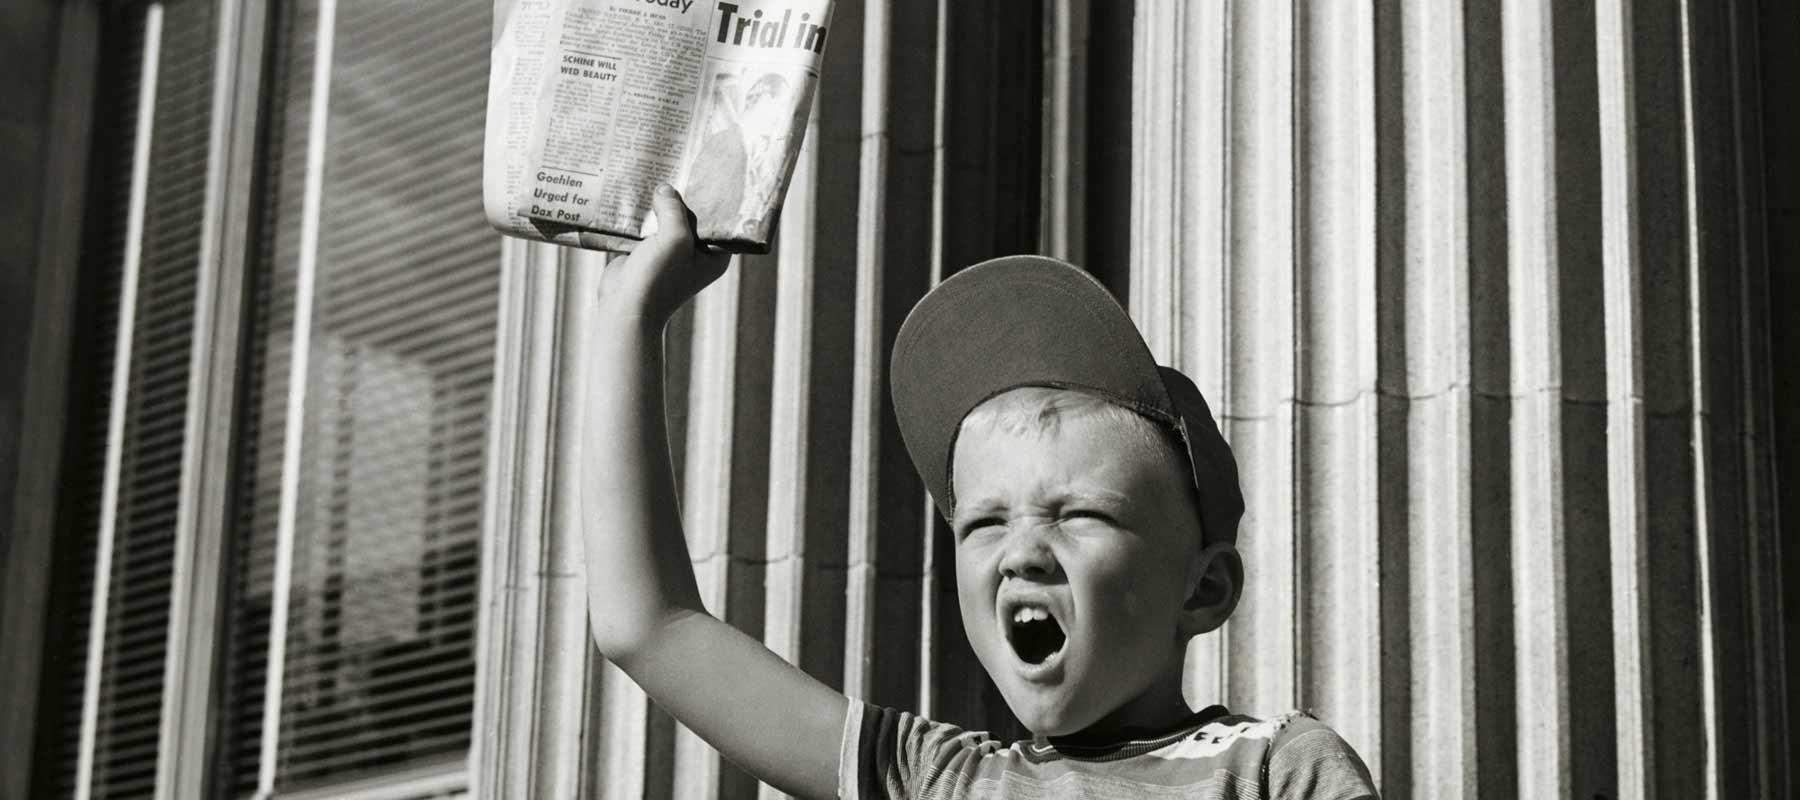 Edizione straordinariaaa!!! Lo storytelling al tempo degli strilloni del web.